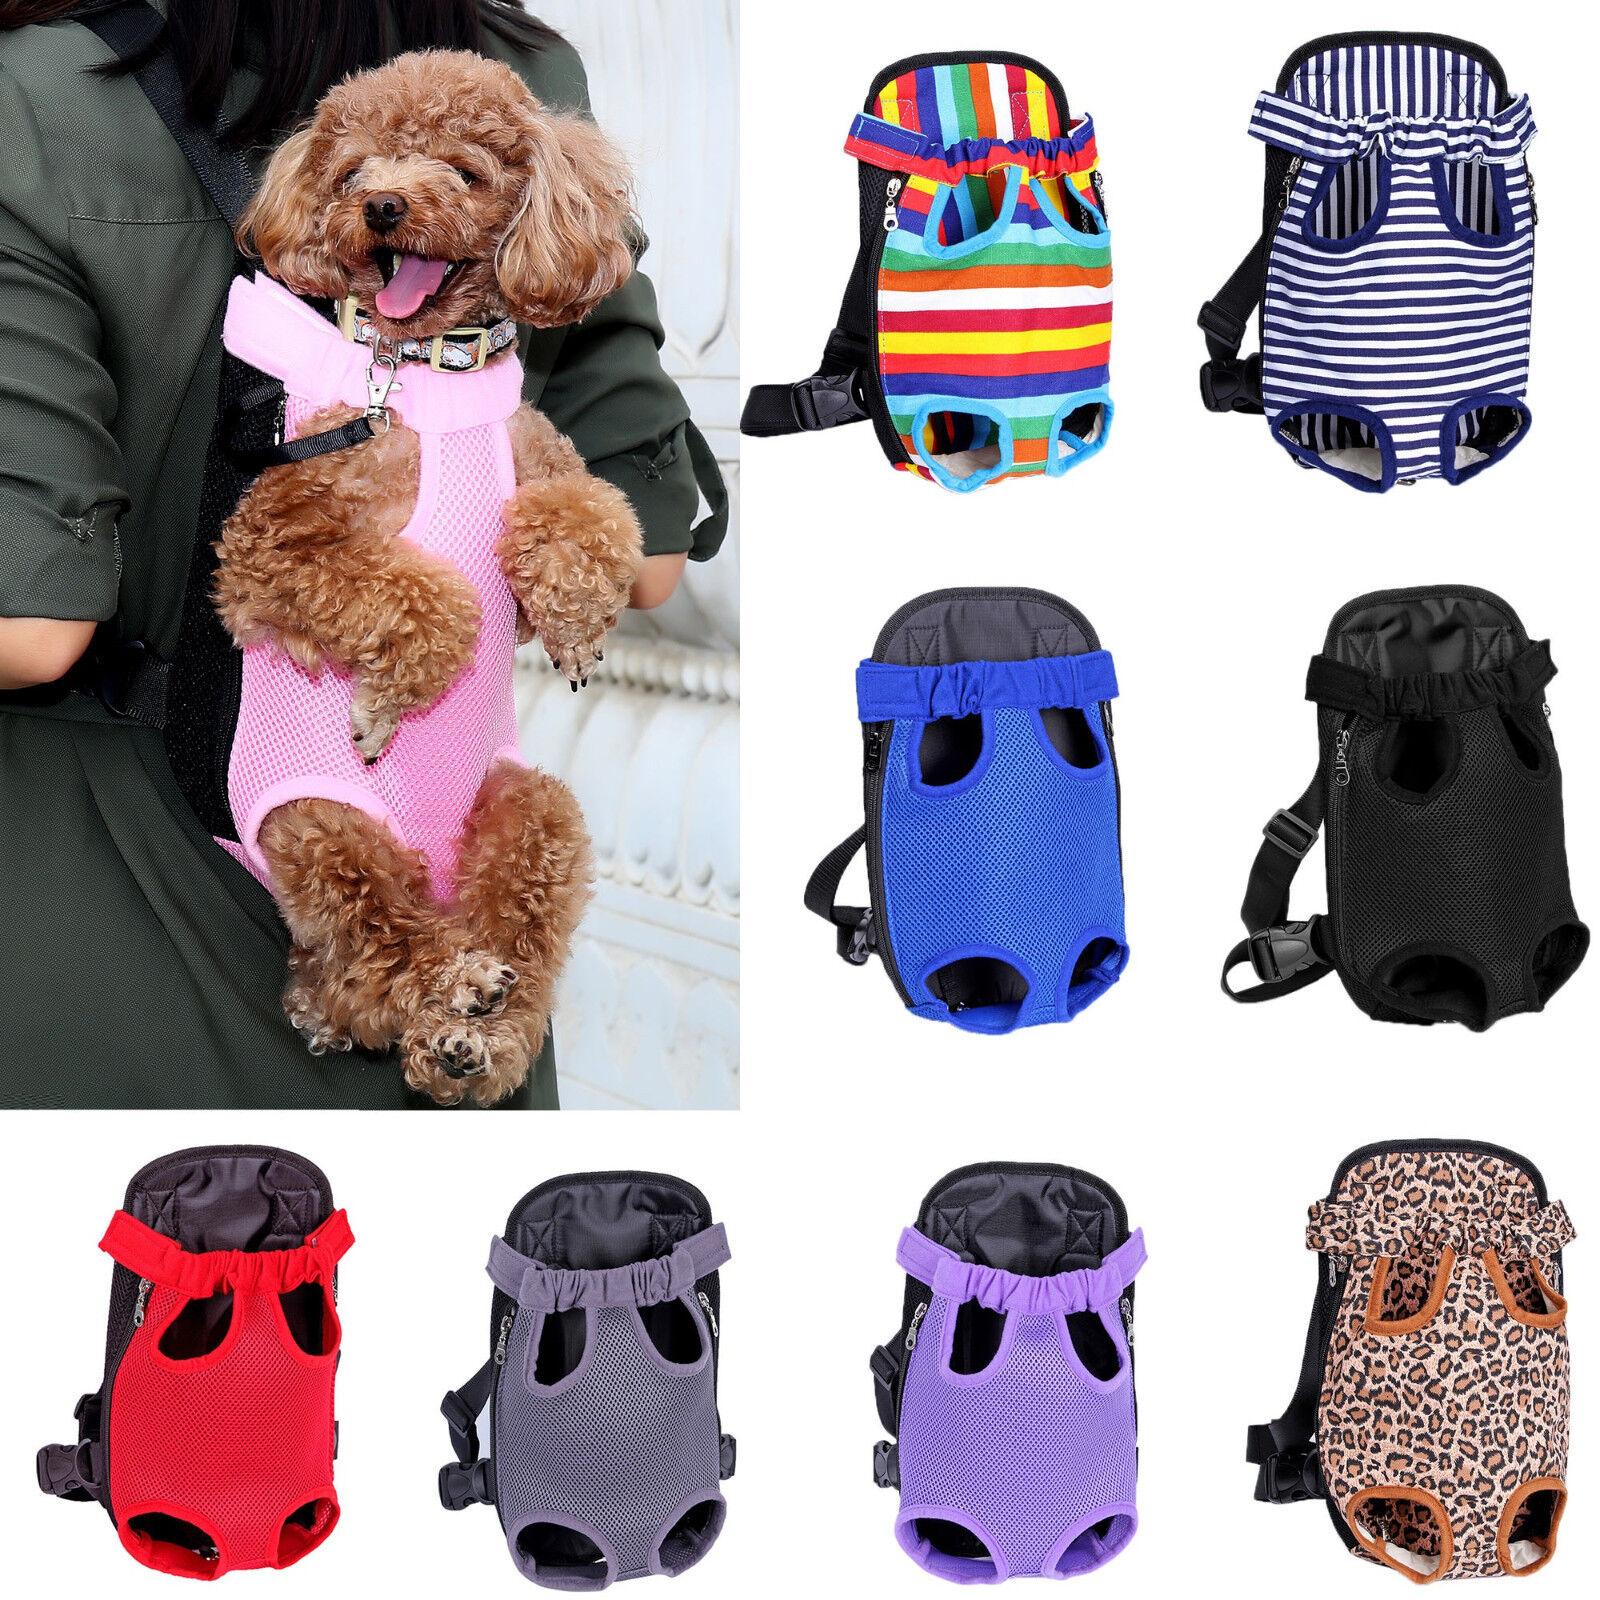 Mesh Zipper Bag Carrier For Pet Dog Cat Puppy